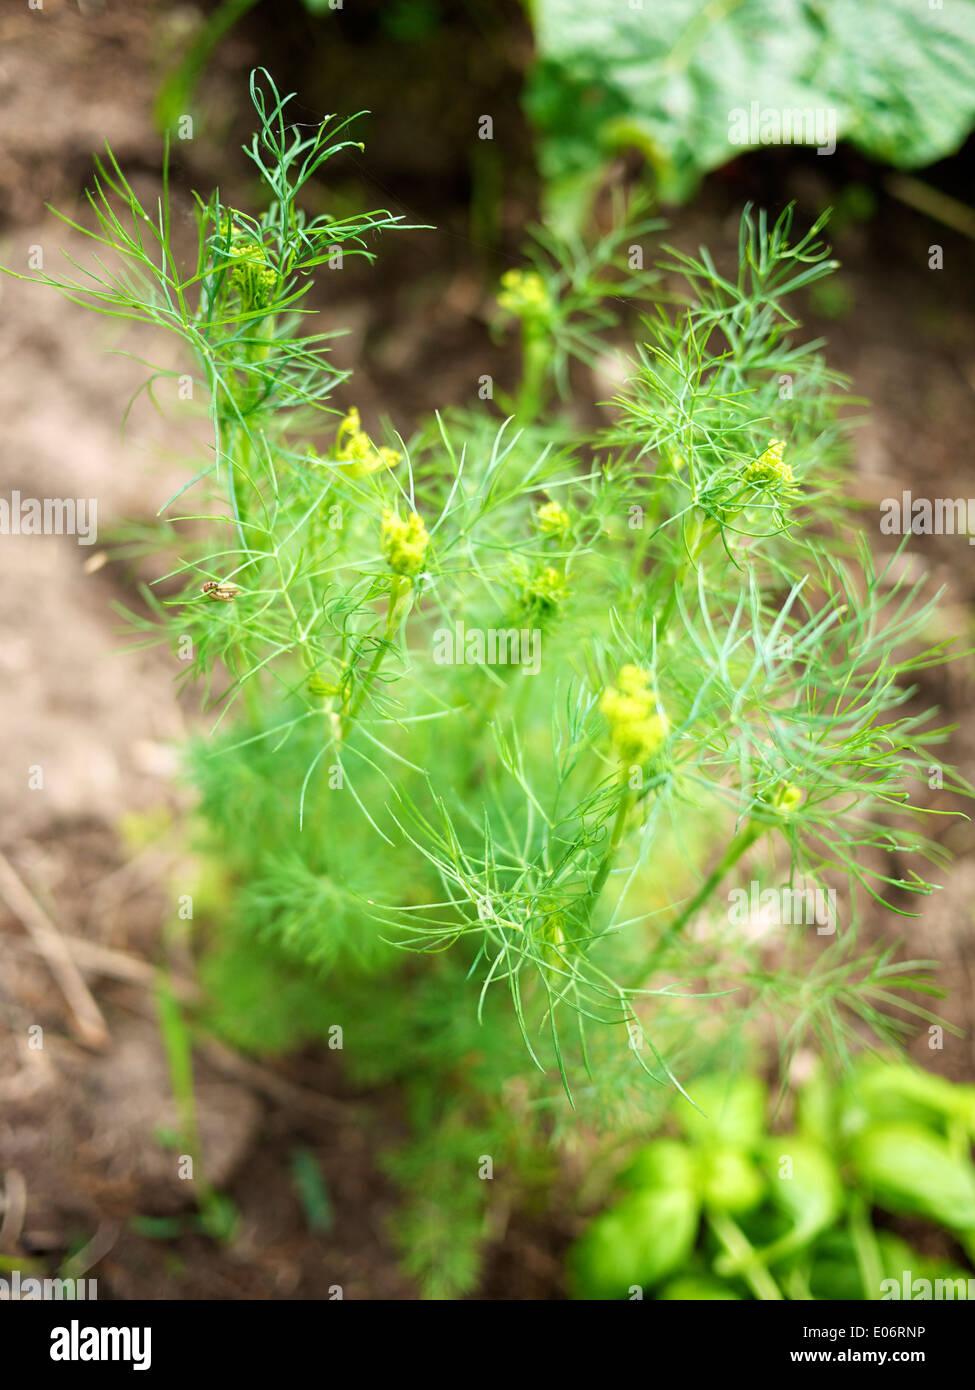 Dill (Anethum Graveolens) In A Garden.